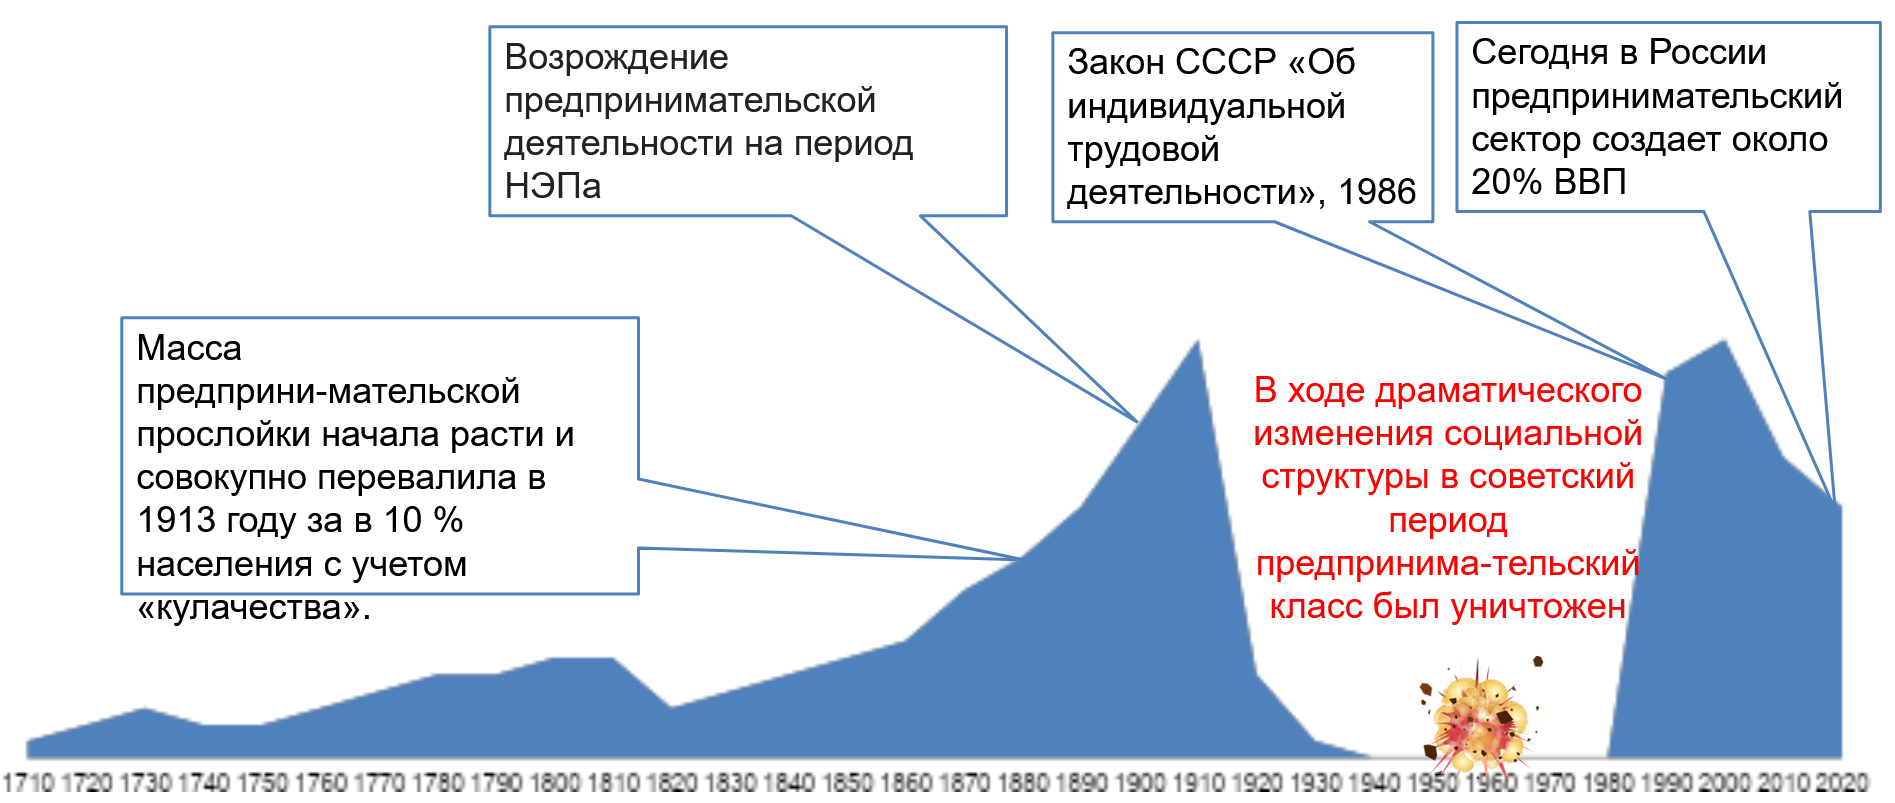 предпринимательство в России времен второй промышленной революции